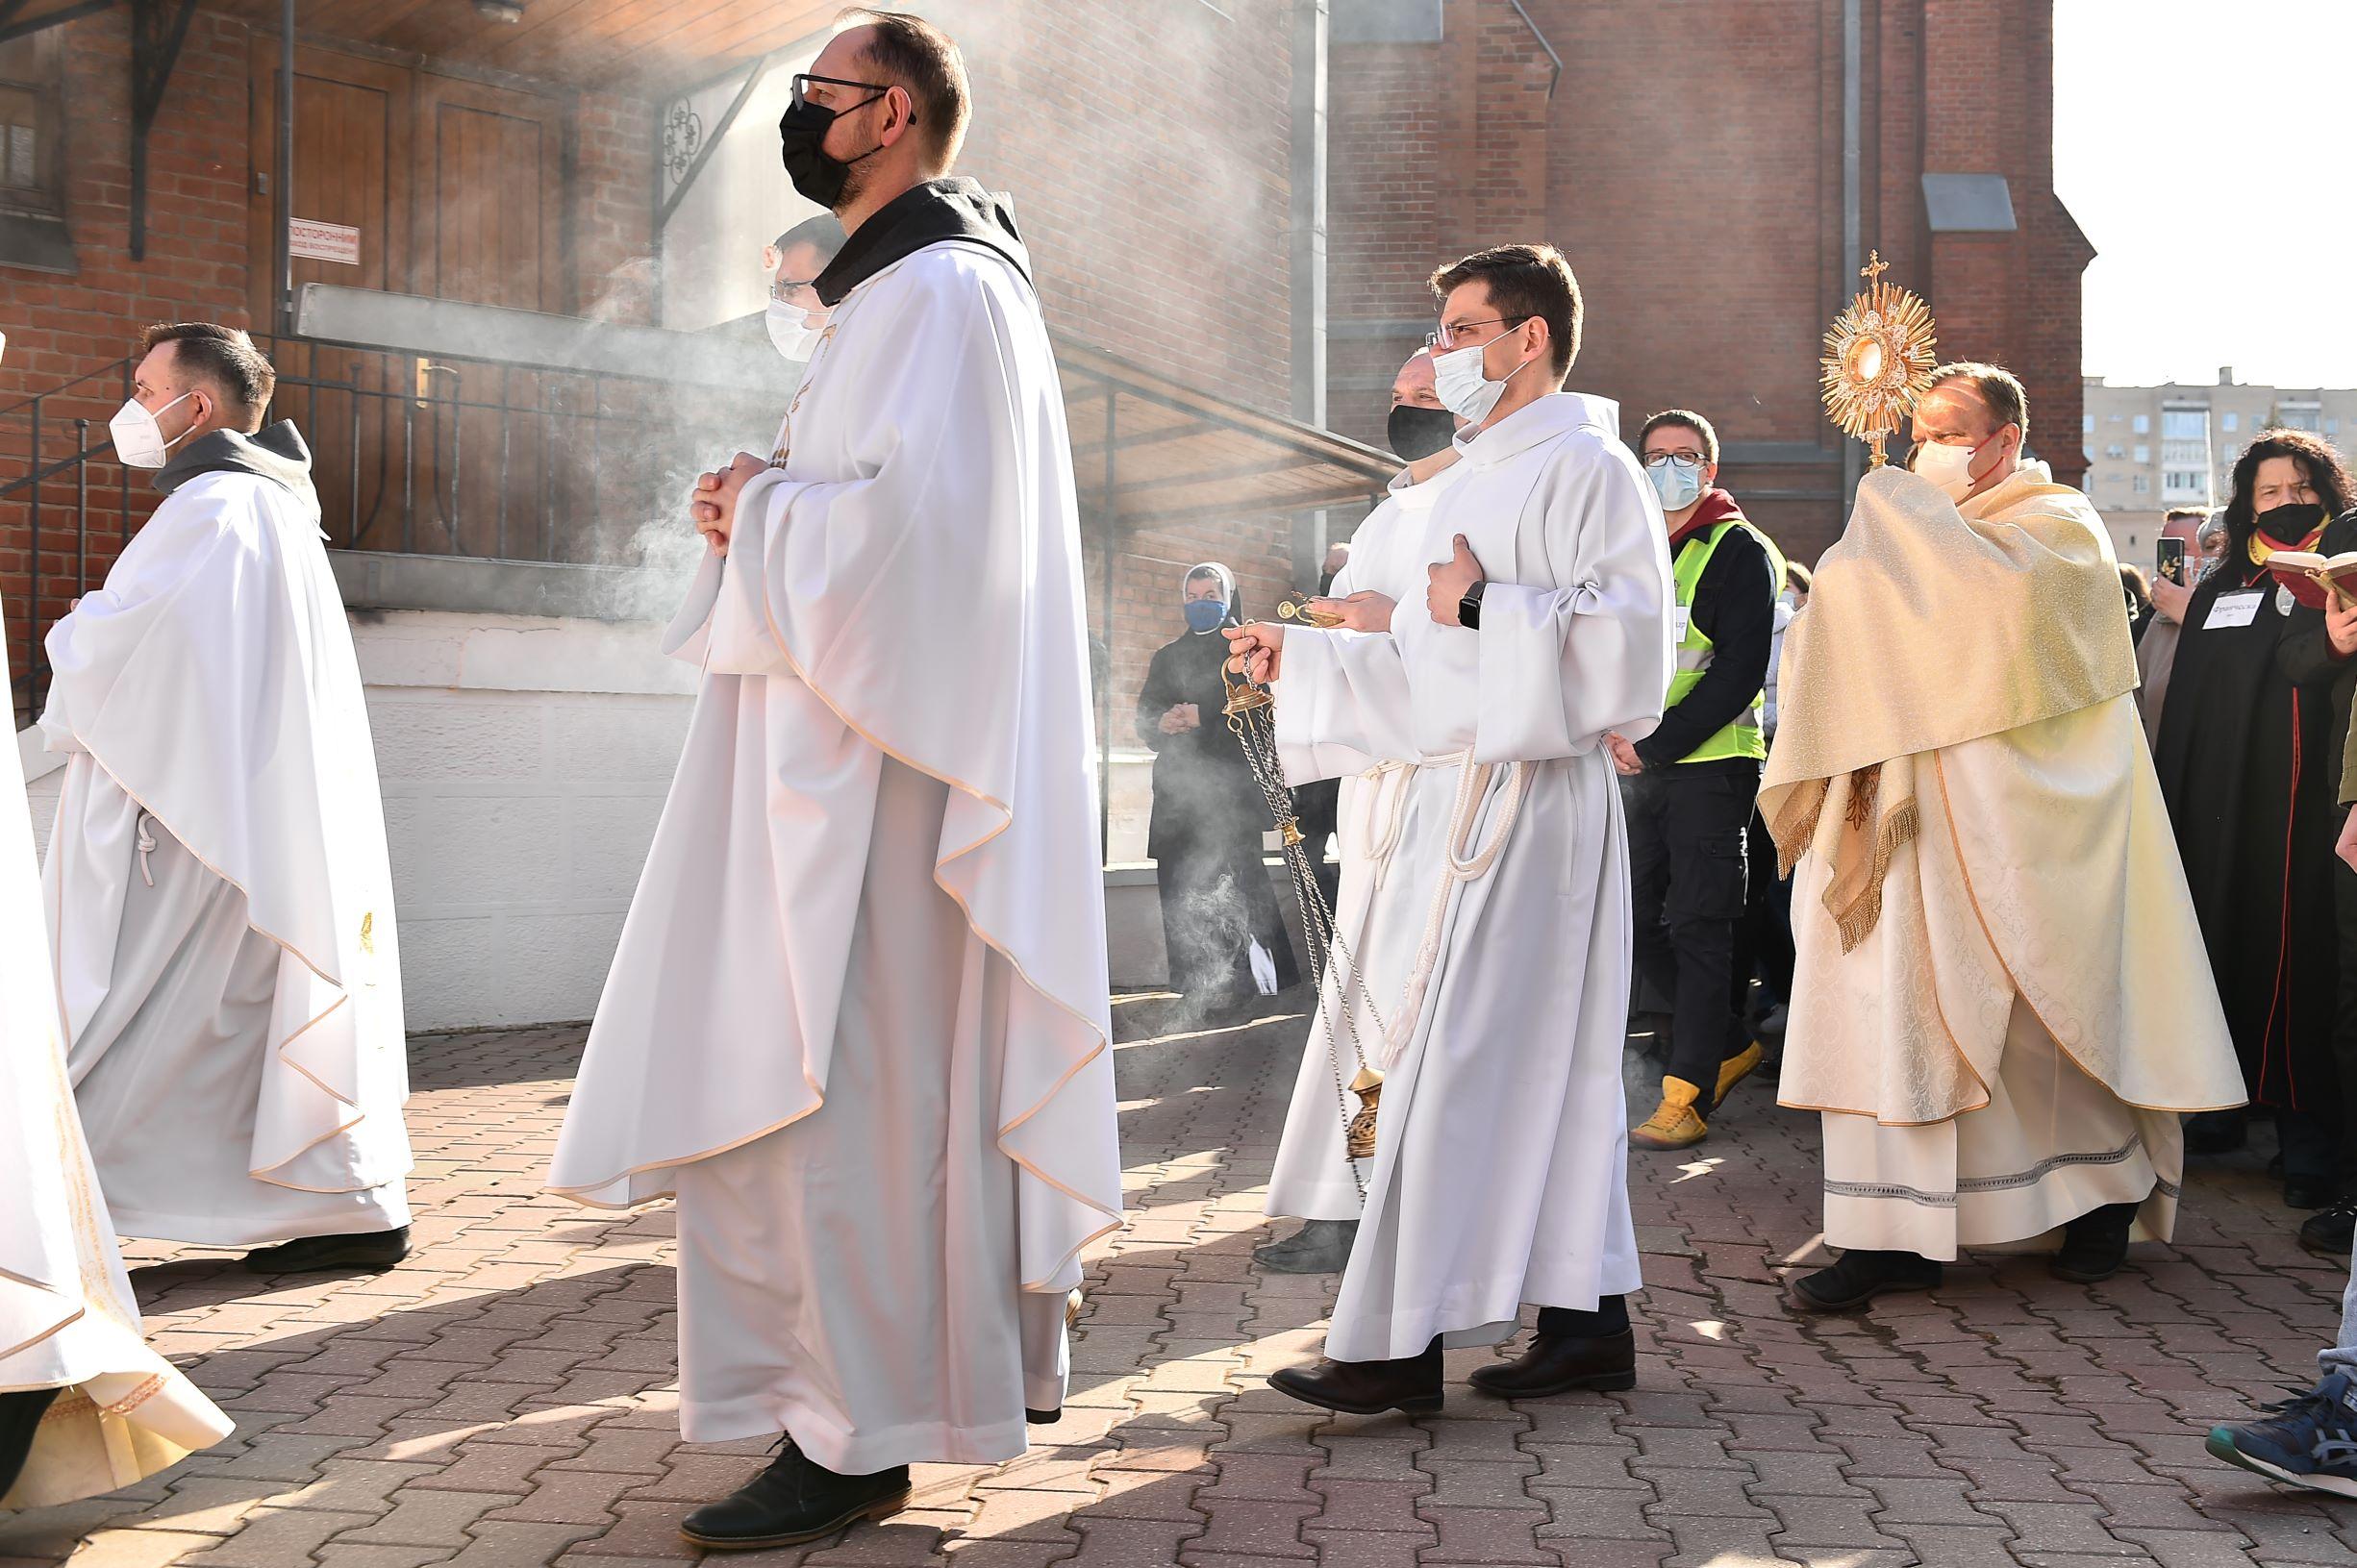 Католики Москвы встретили Пасху - Светлое Христово Воскресение